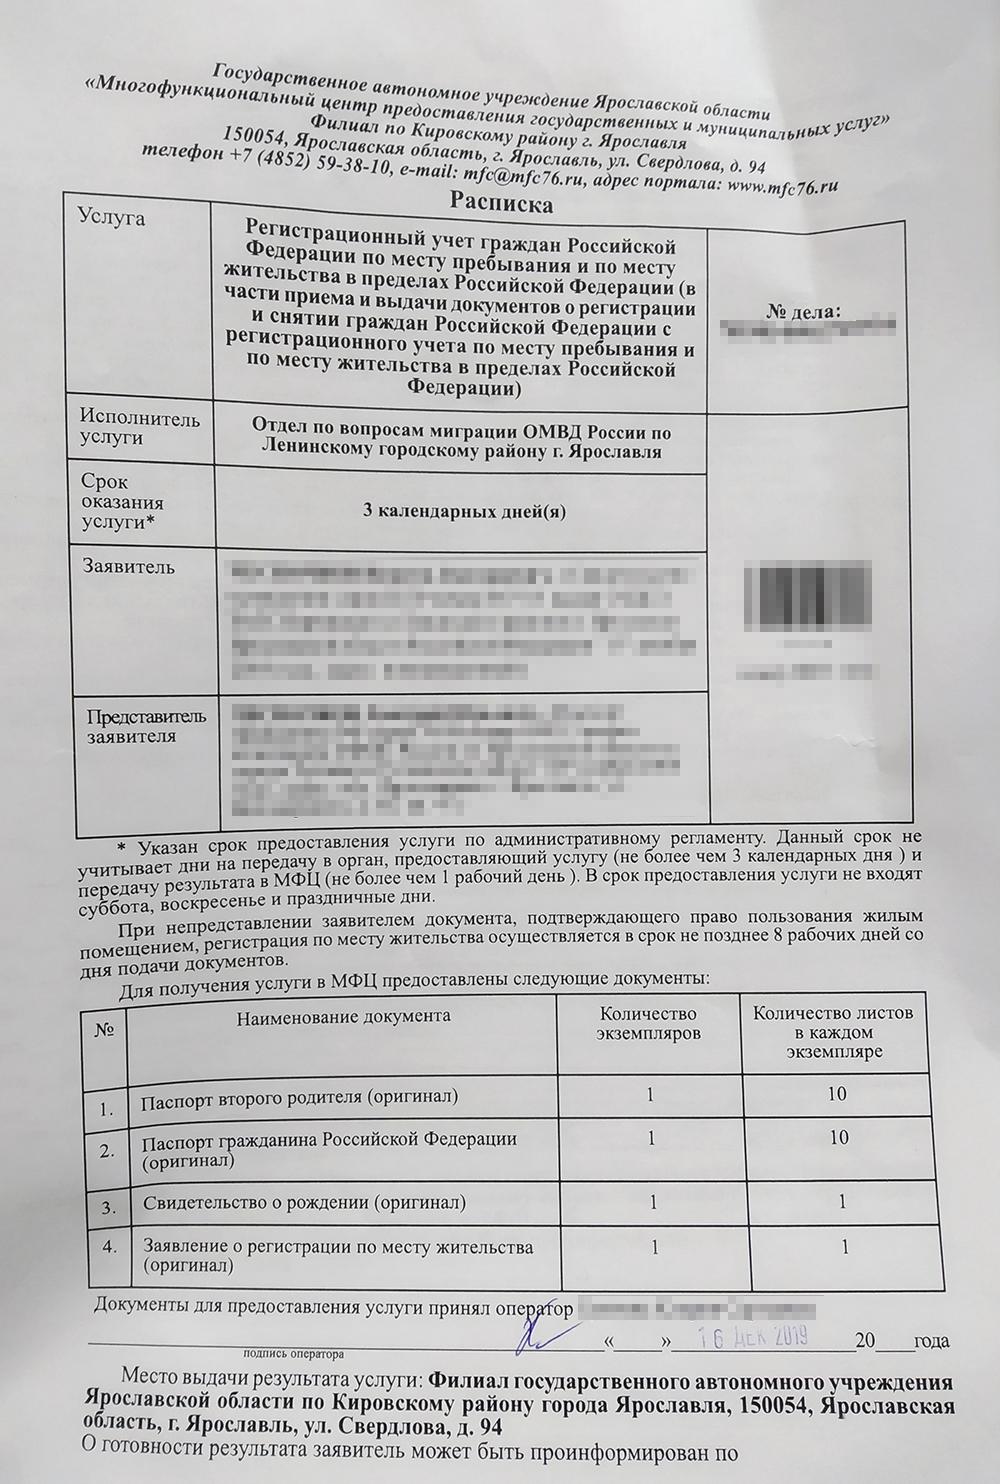 Такую расписку мне дали как подтверждение того, что документы забрали в МФЦ, чтобы оформить услугу